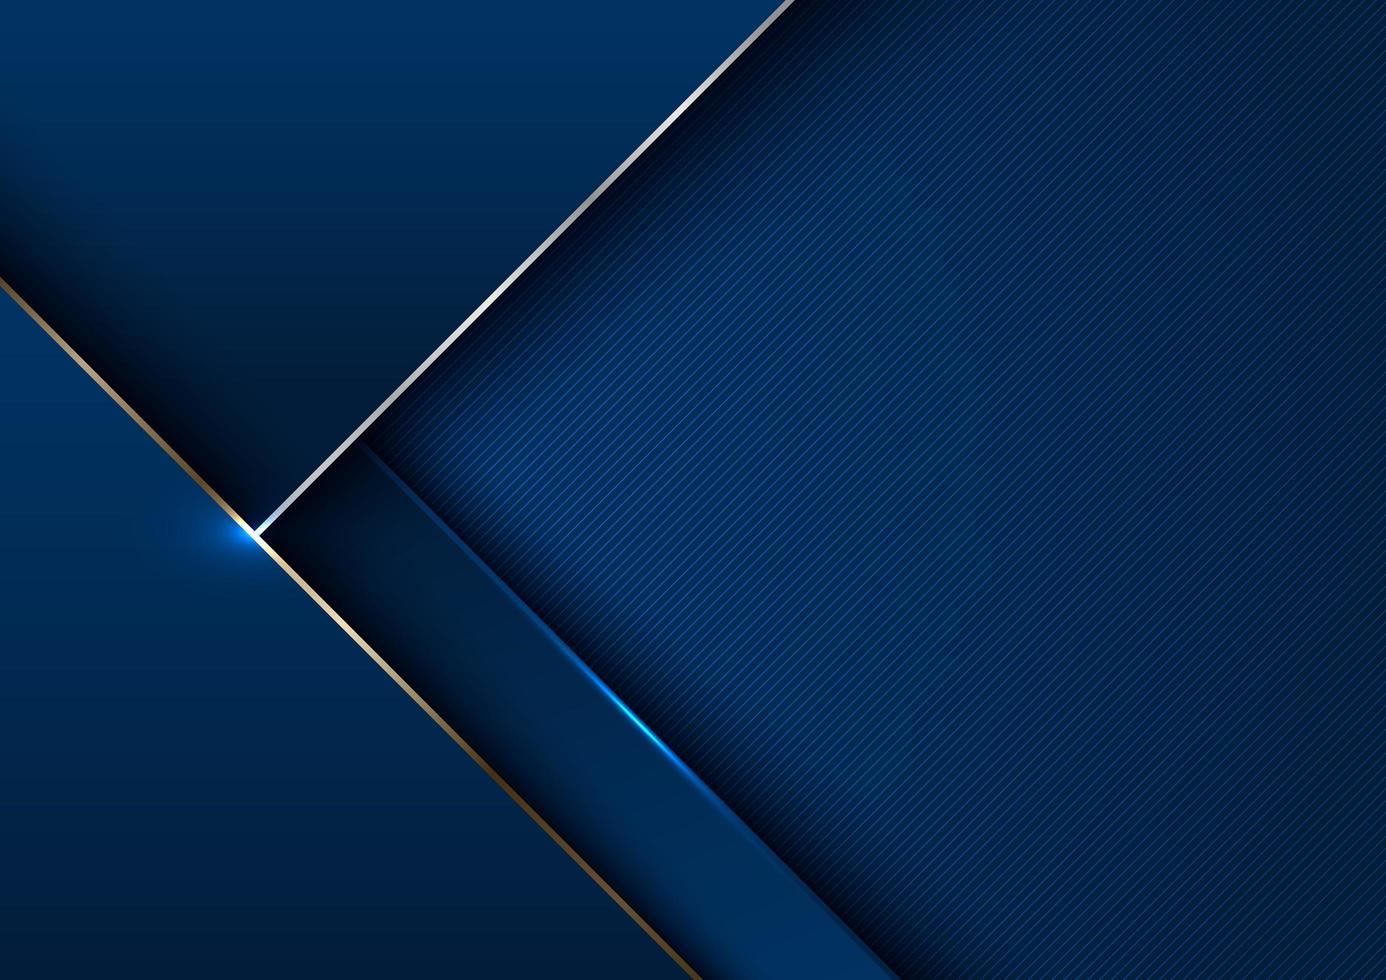 abstrakt elegant mall blå geometrisk med guld metallic vektor